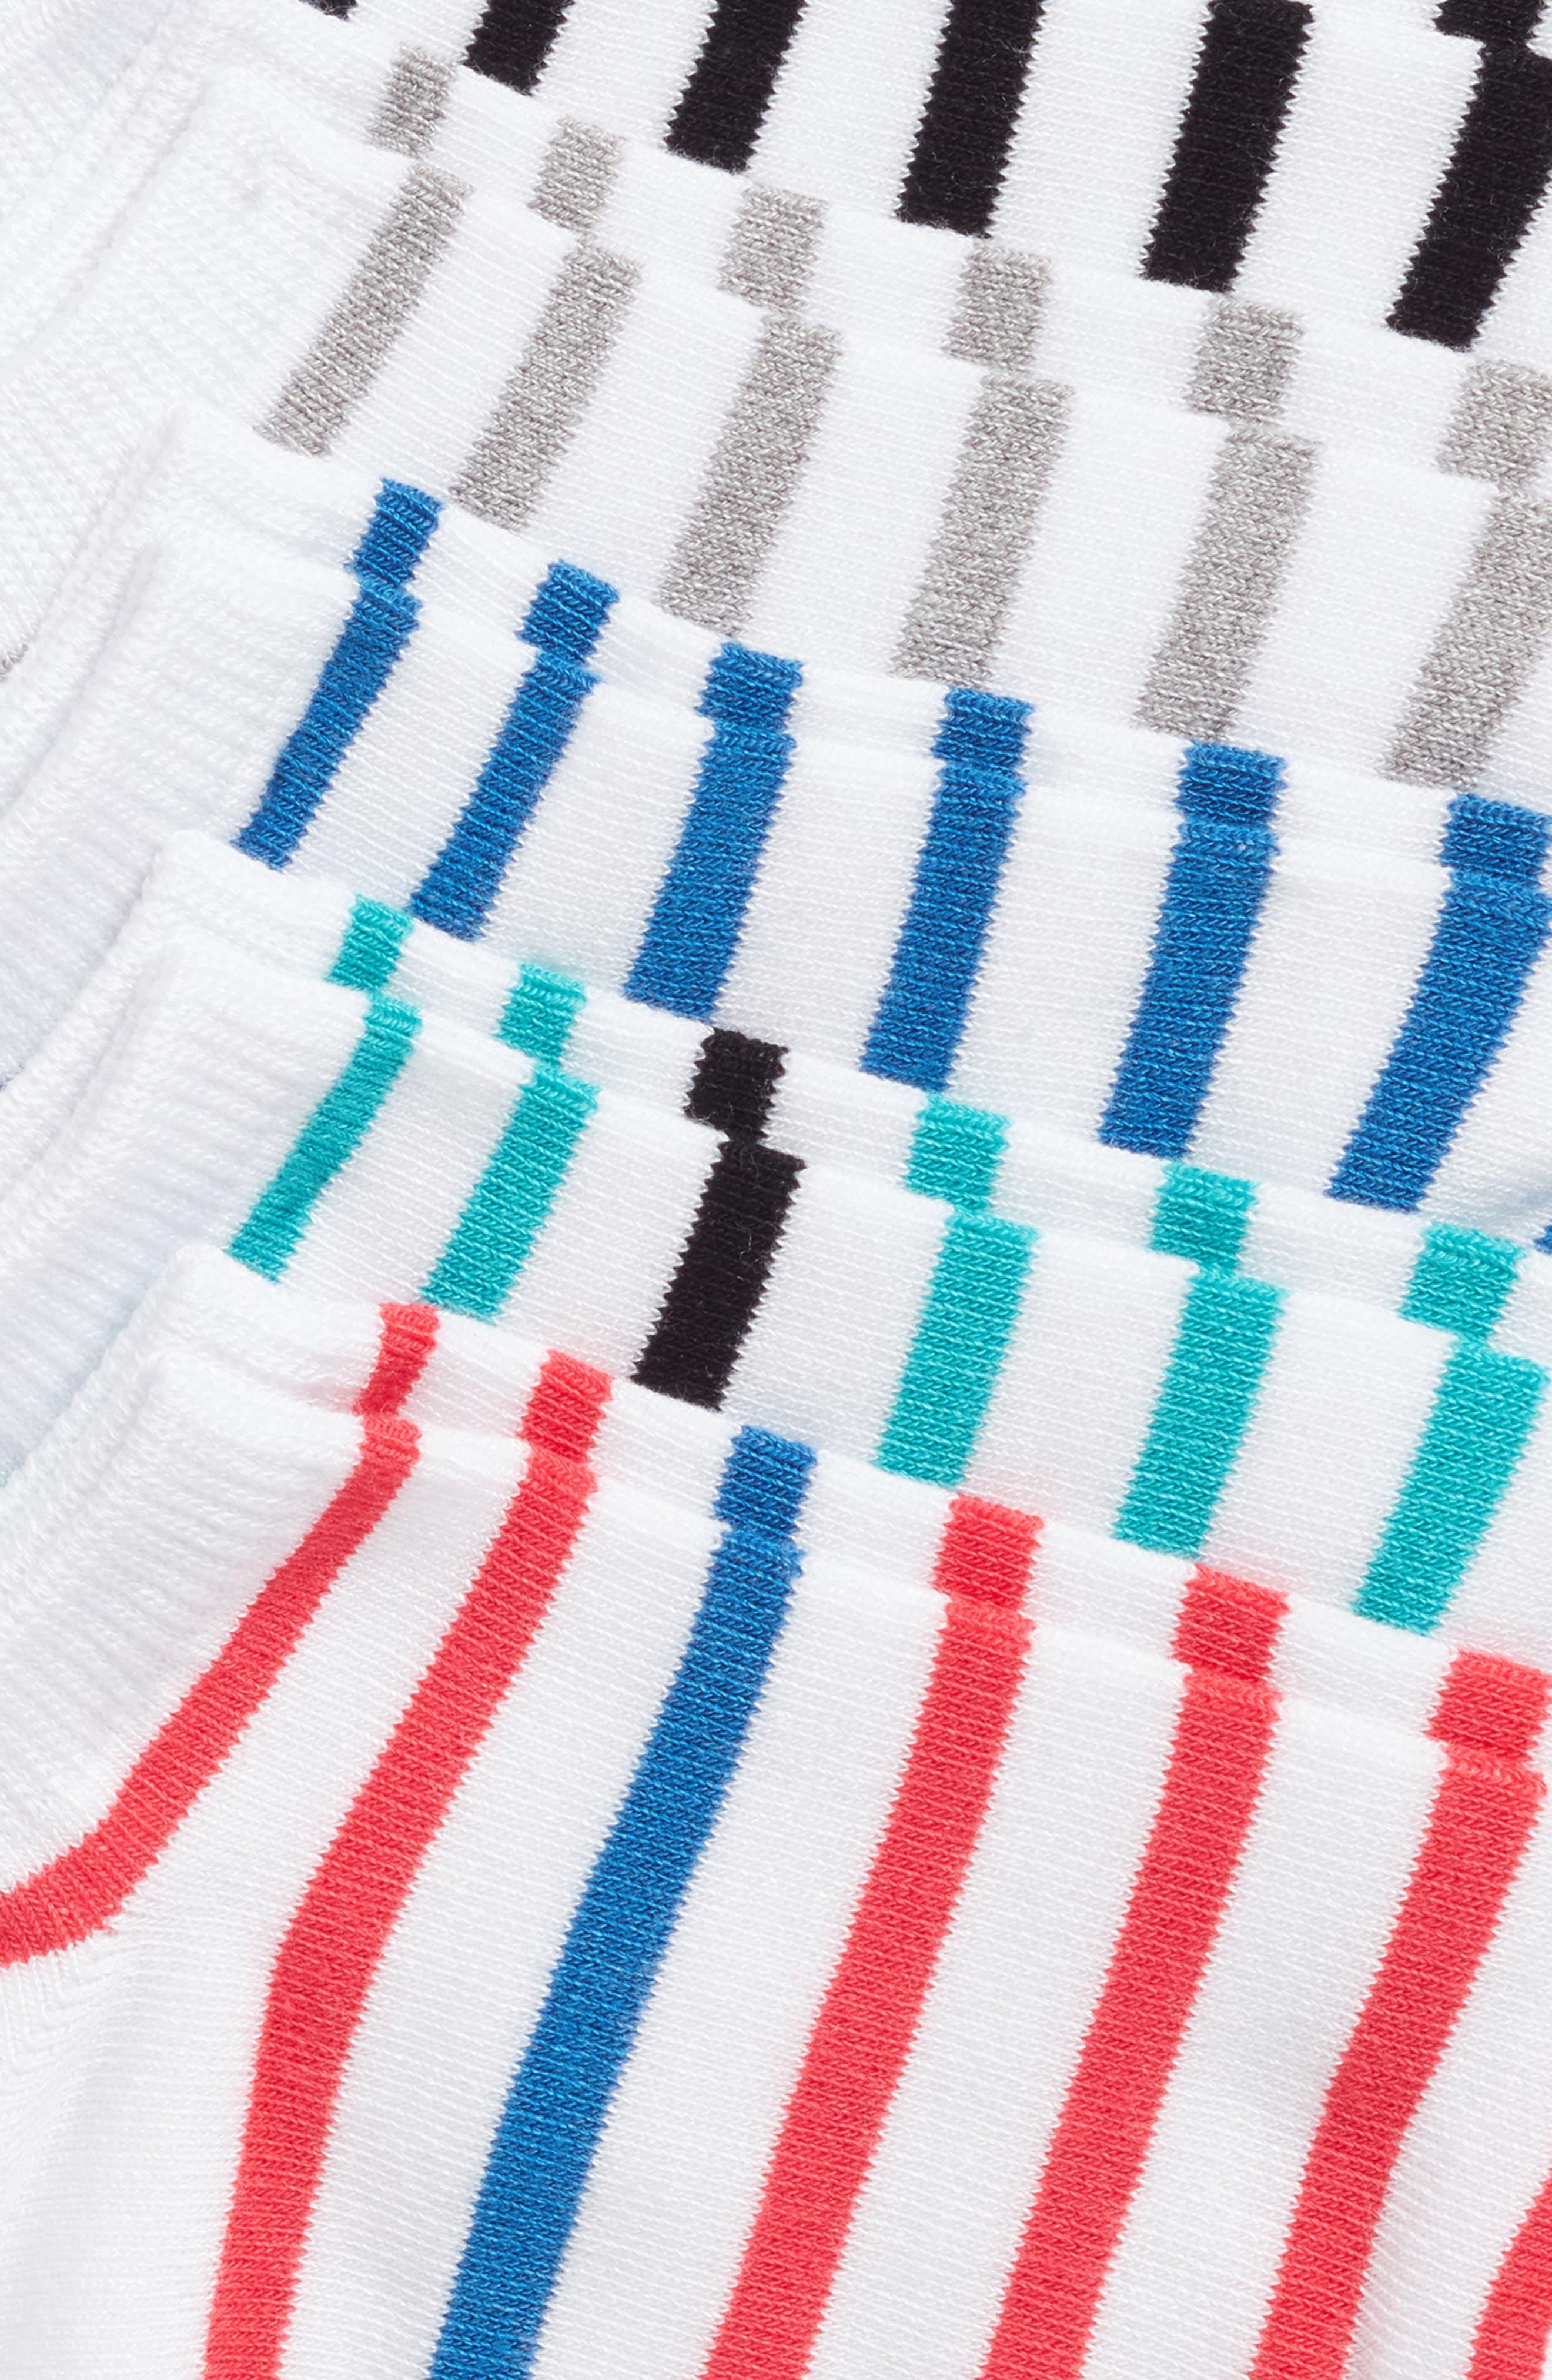 5-Pack Breton Stripe Socks,                             Alternate thumbnail 2, color,                             White